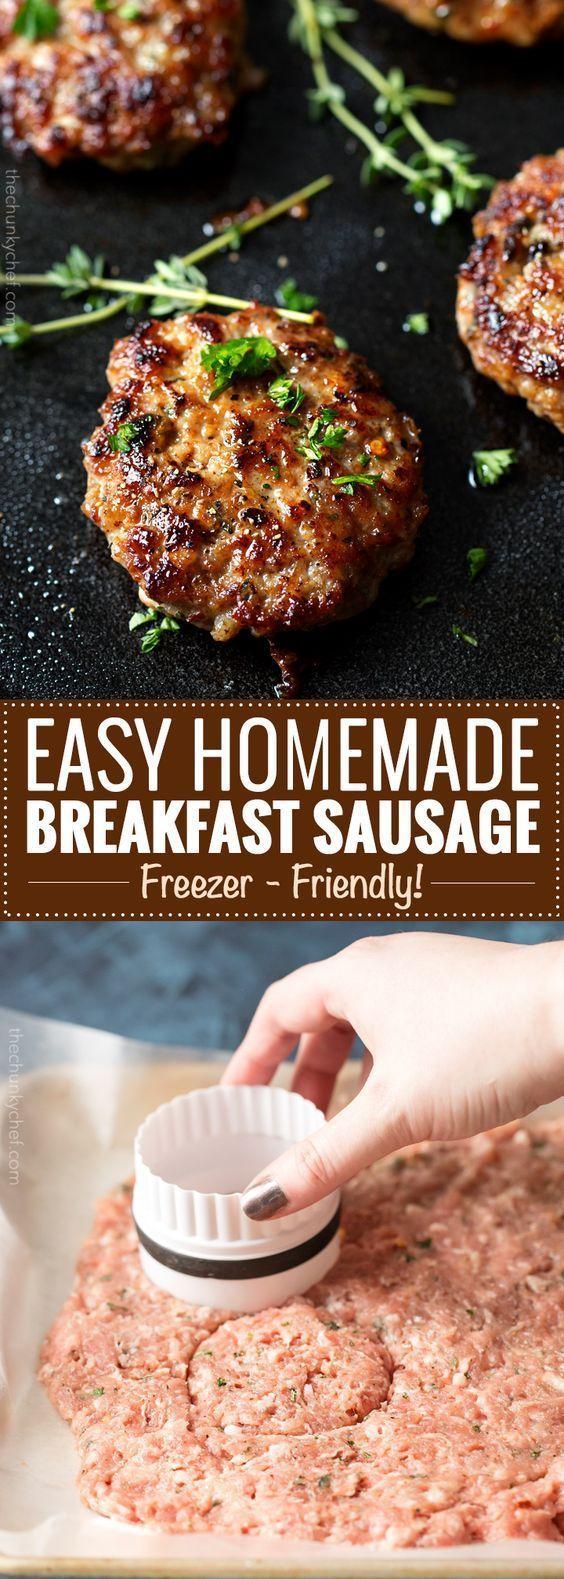 Breakfast Sausage Recipe - Food Favorite - Delicious - Recipes -